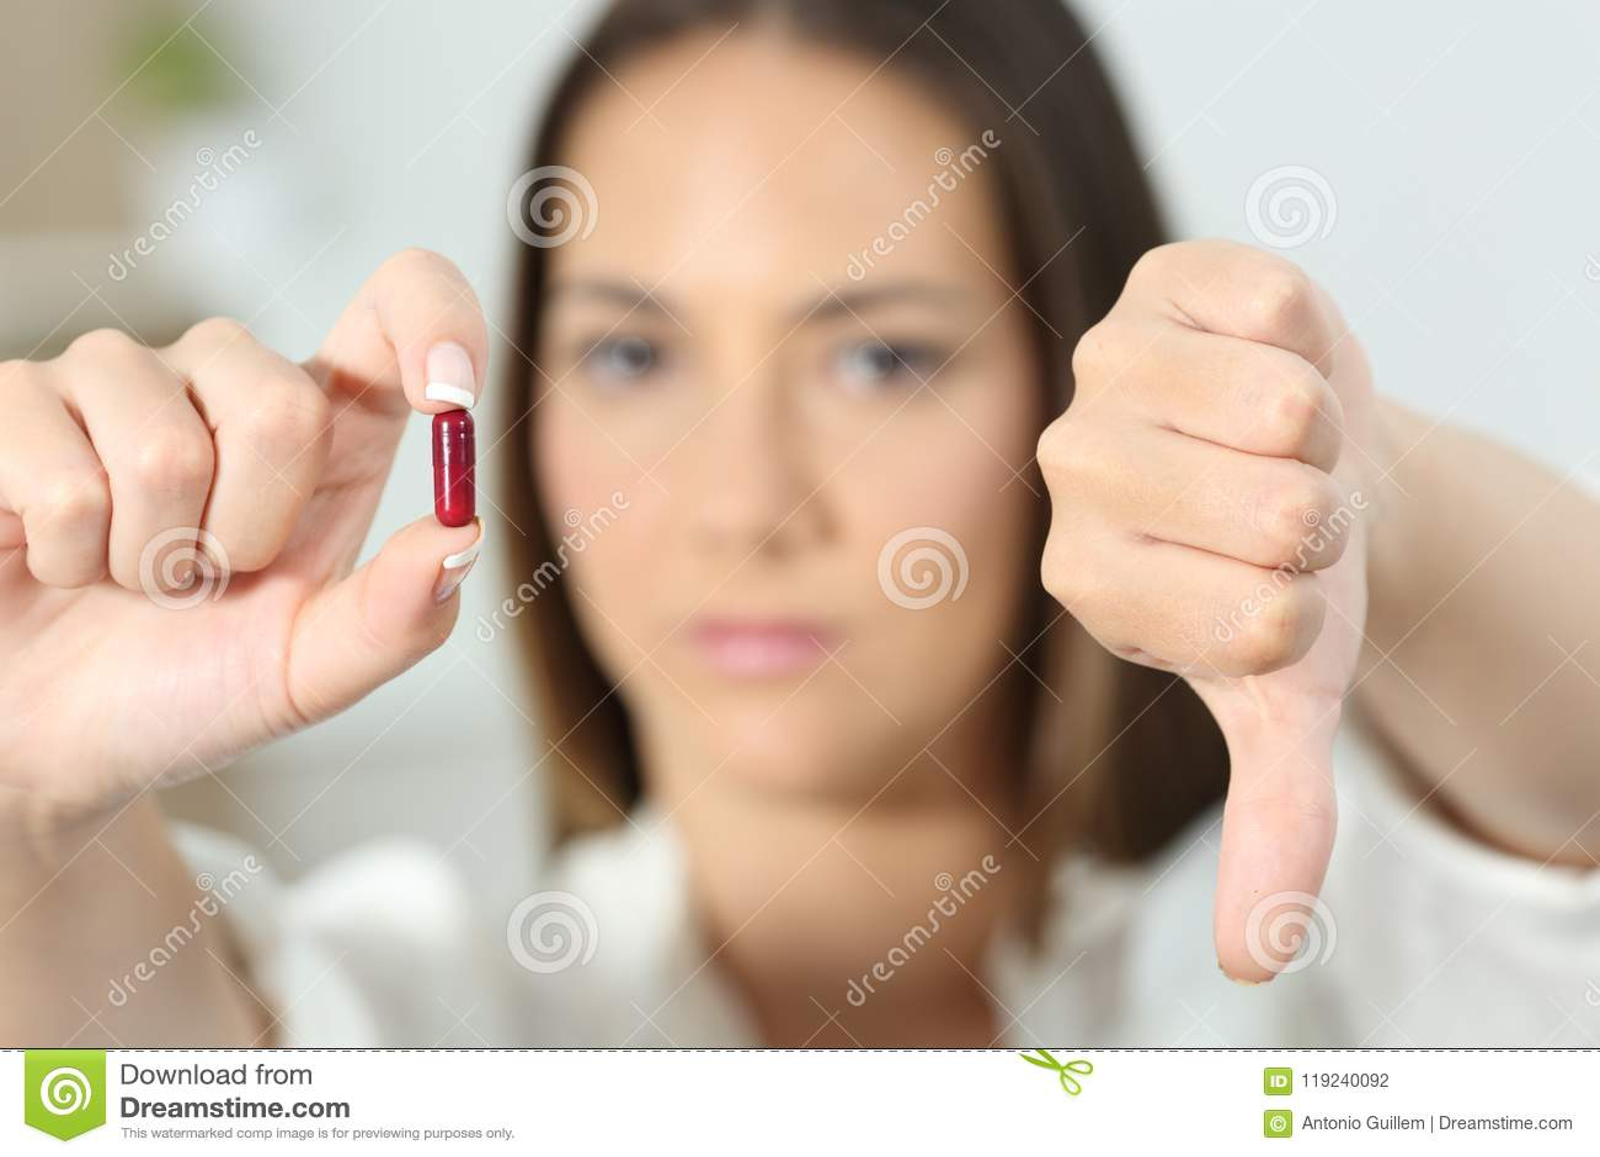 Boze vrouwenhand die pil met neer duimen tonen